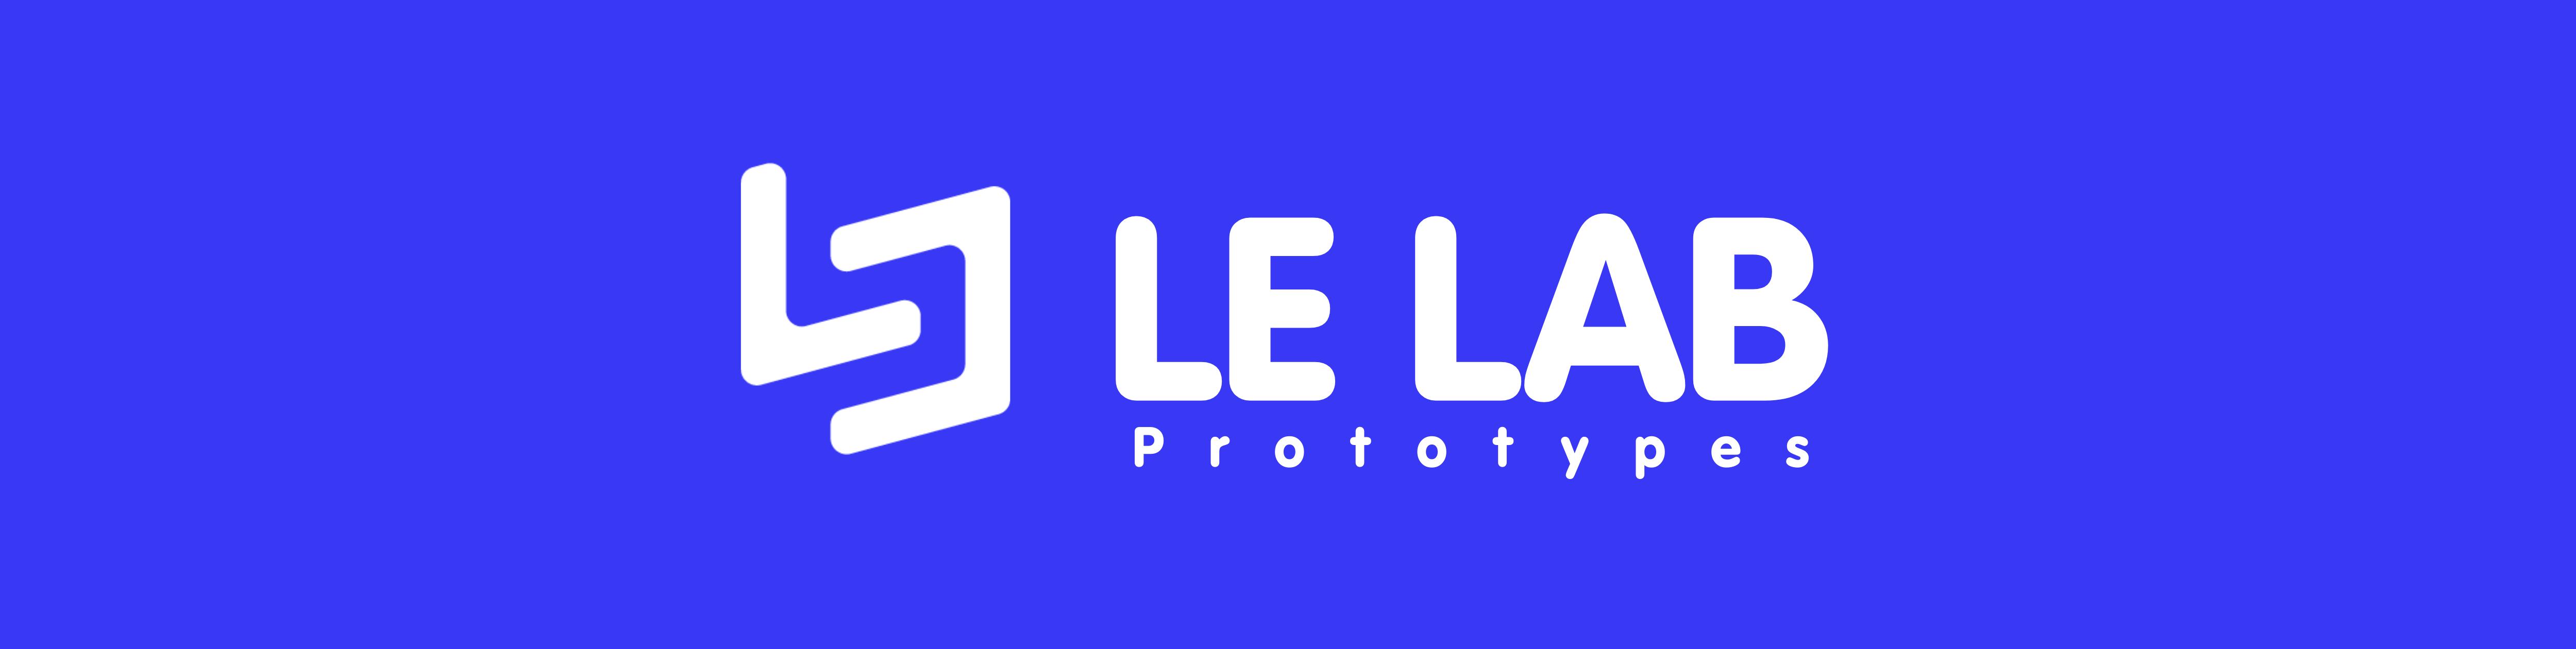 prototype Lab